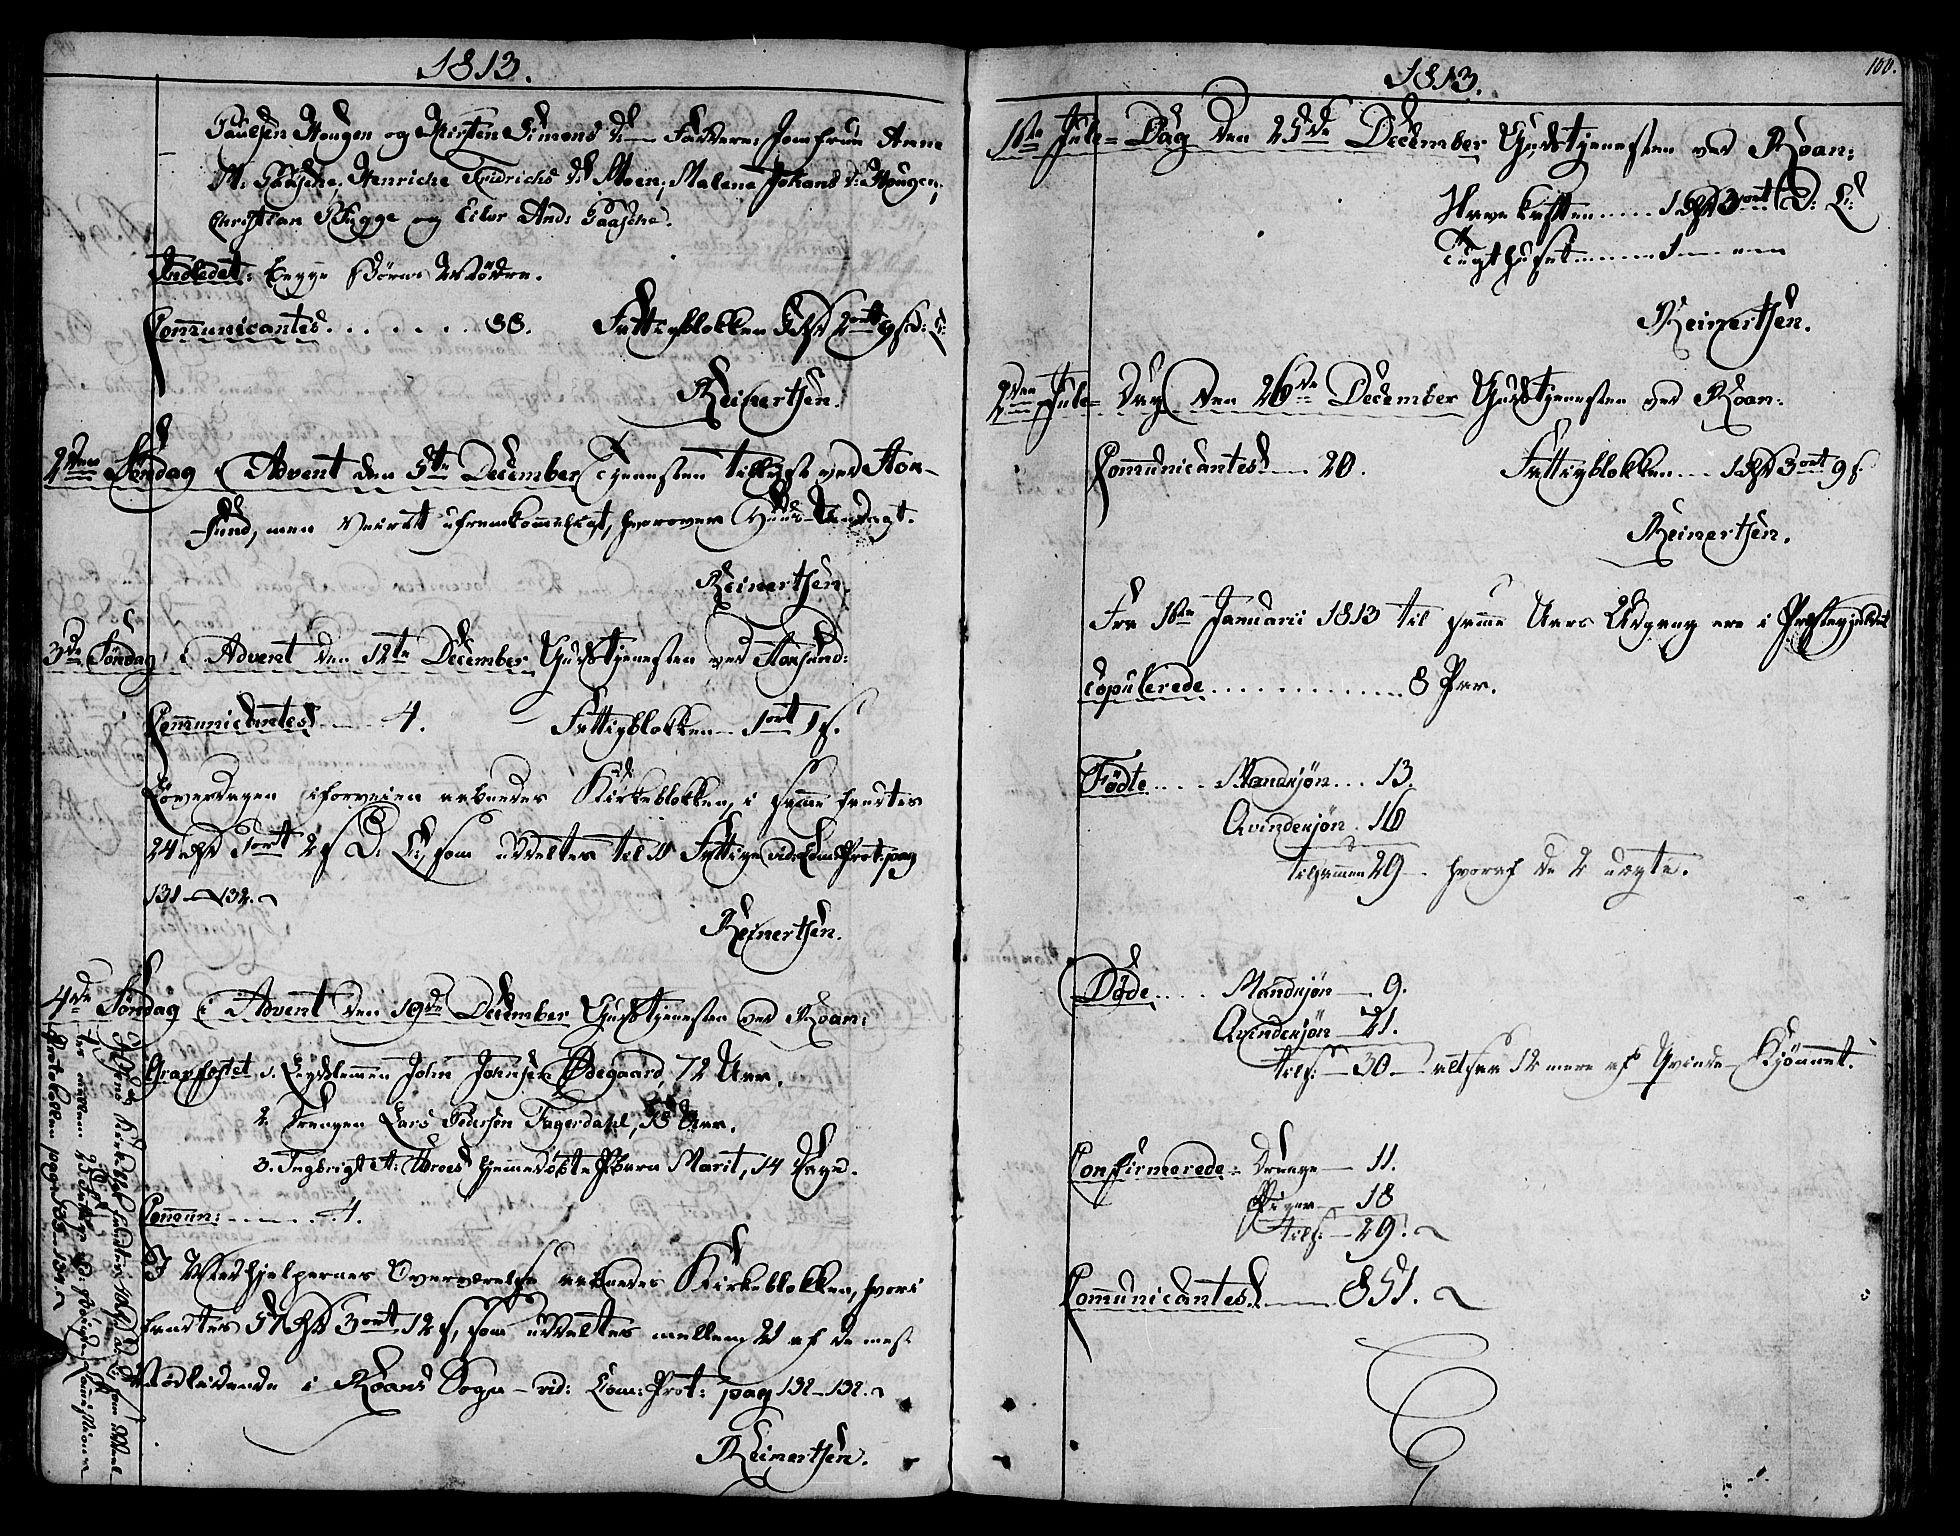 SAT, Ministerialprotokoller, klokkerbøker og fødselsregistre - Sør-Trøndelag, 657/L0701: Ministerialbok nr. 657A02, 1802-1831, s. 100